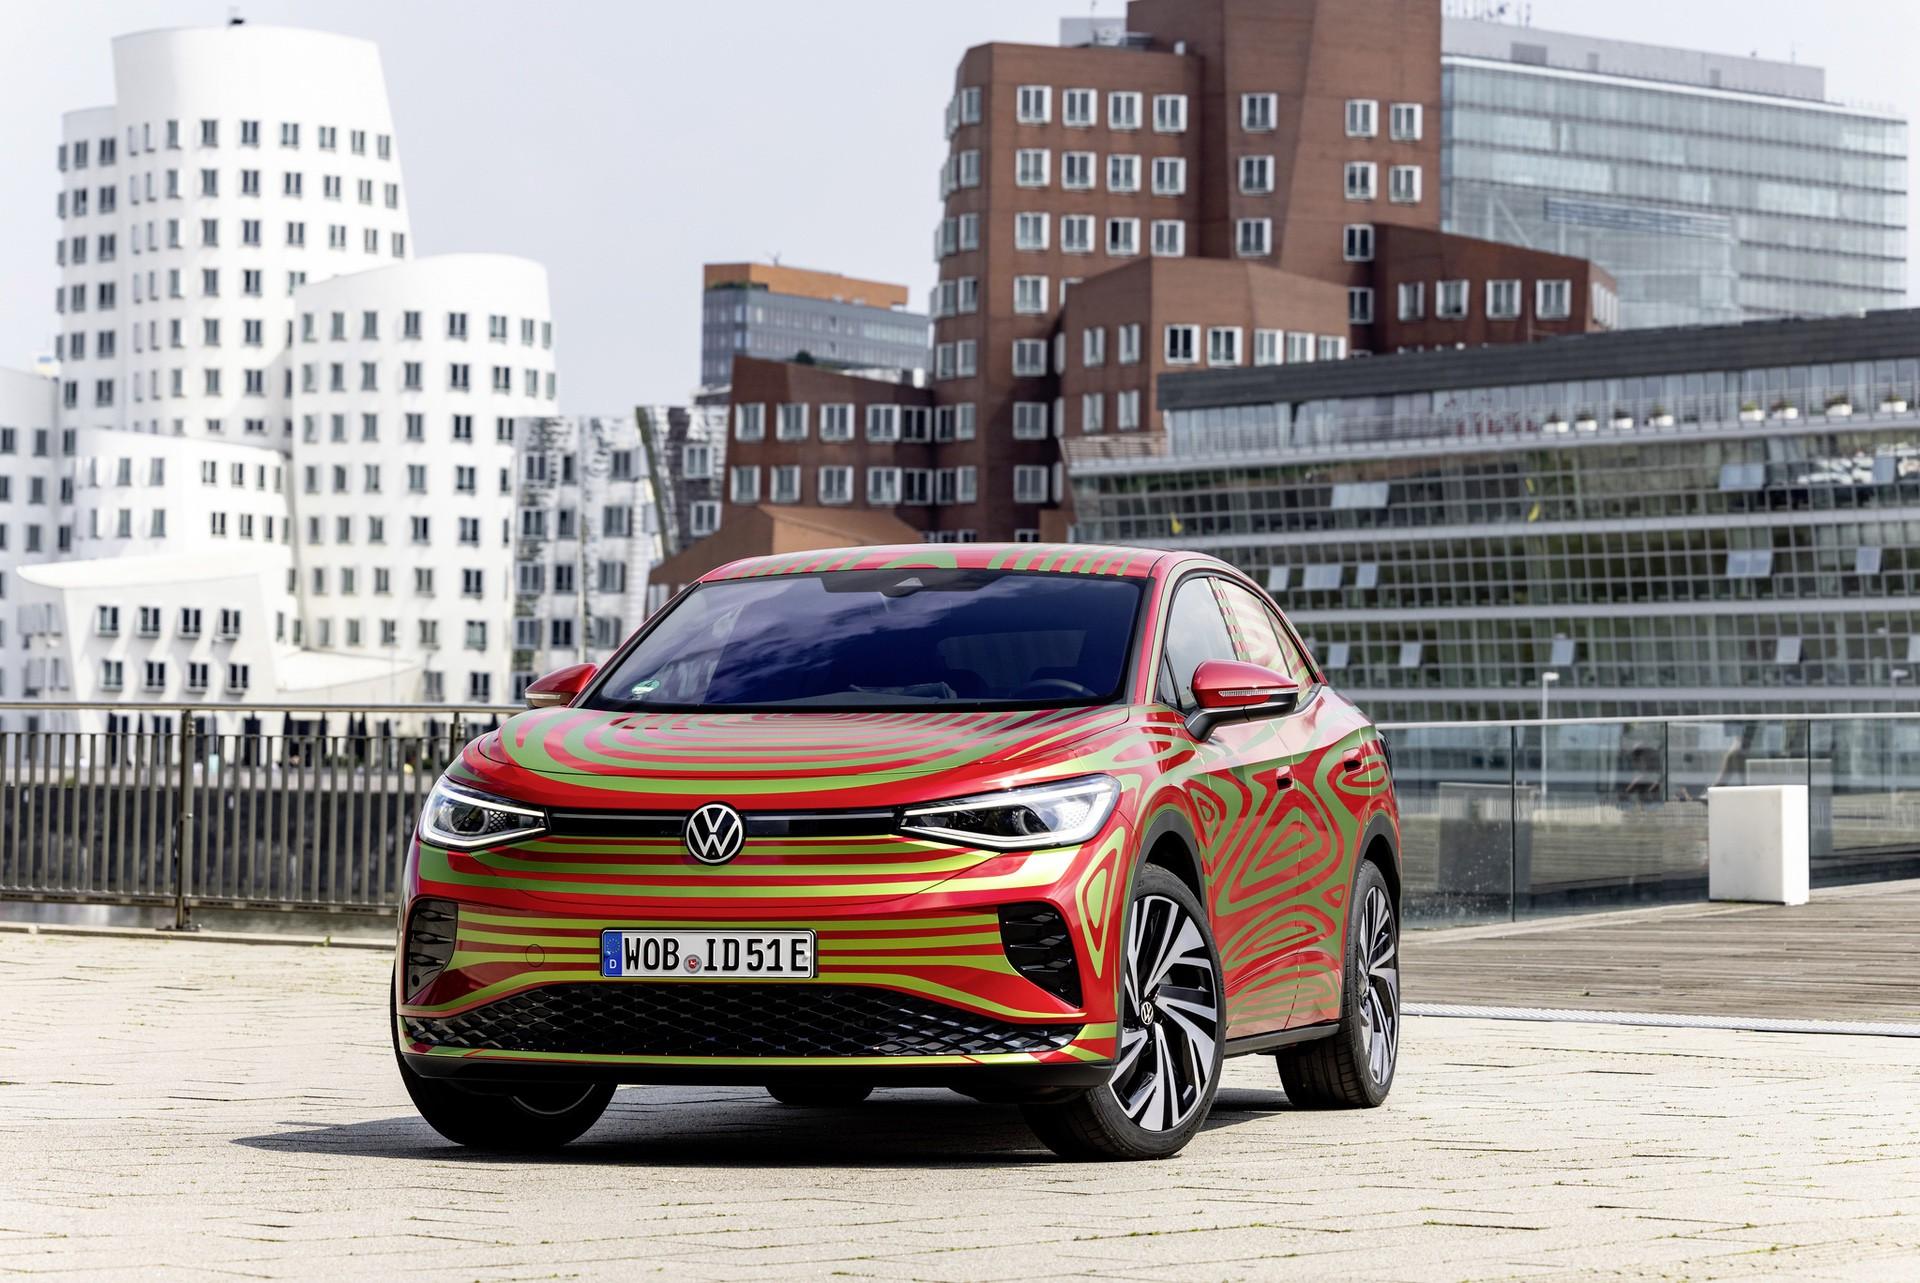 VW_ID5_GTX_teaser-0011